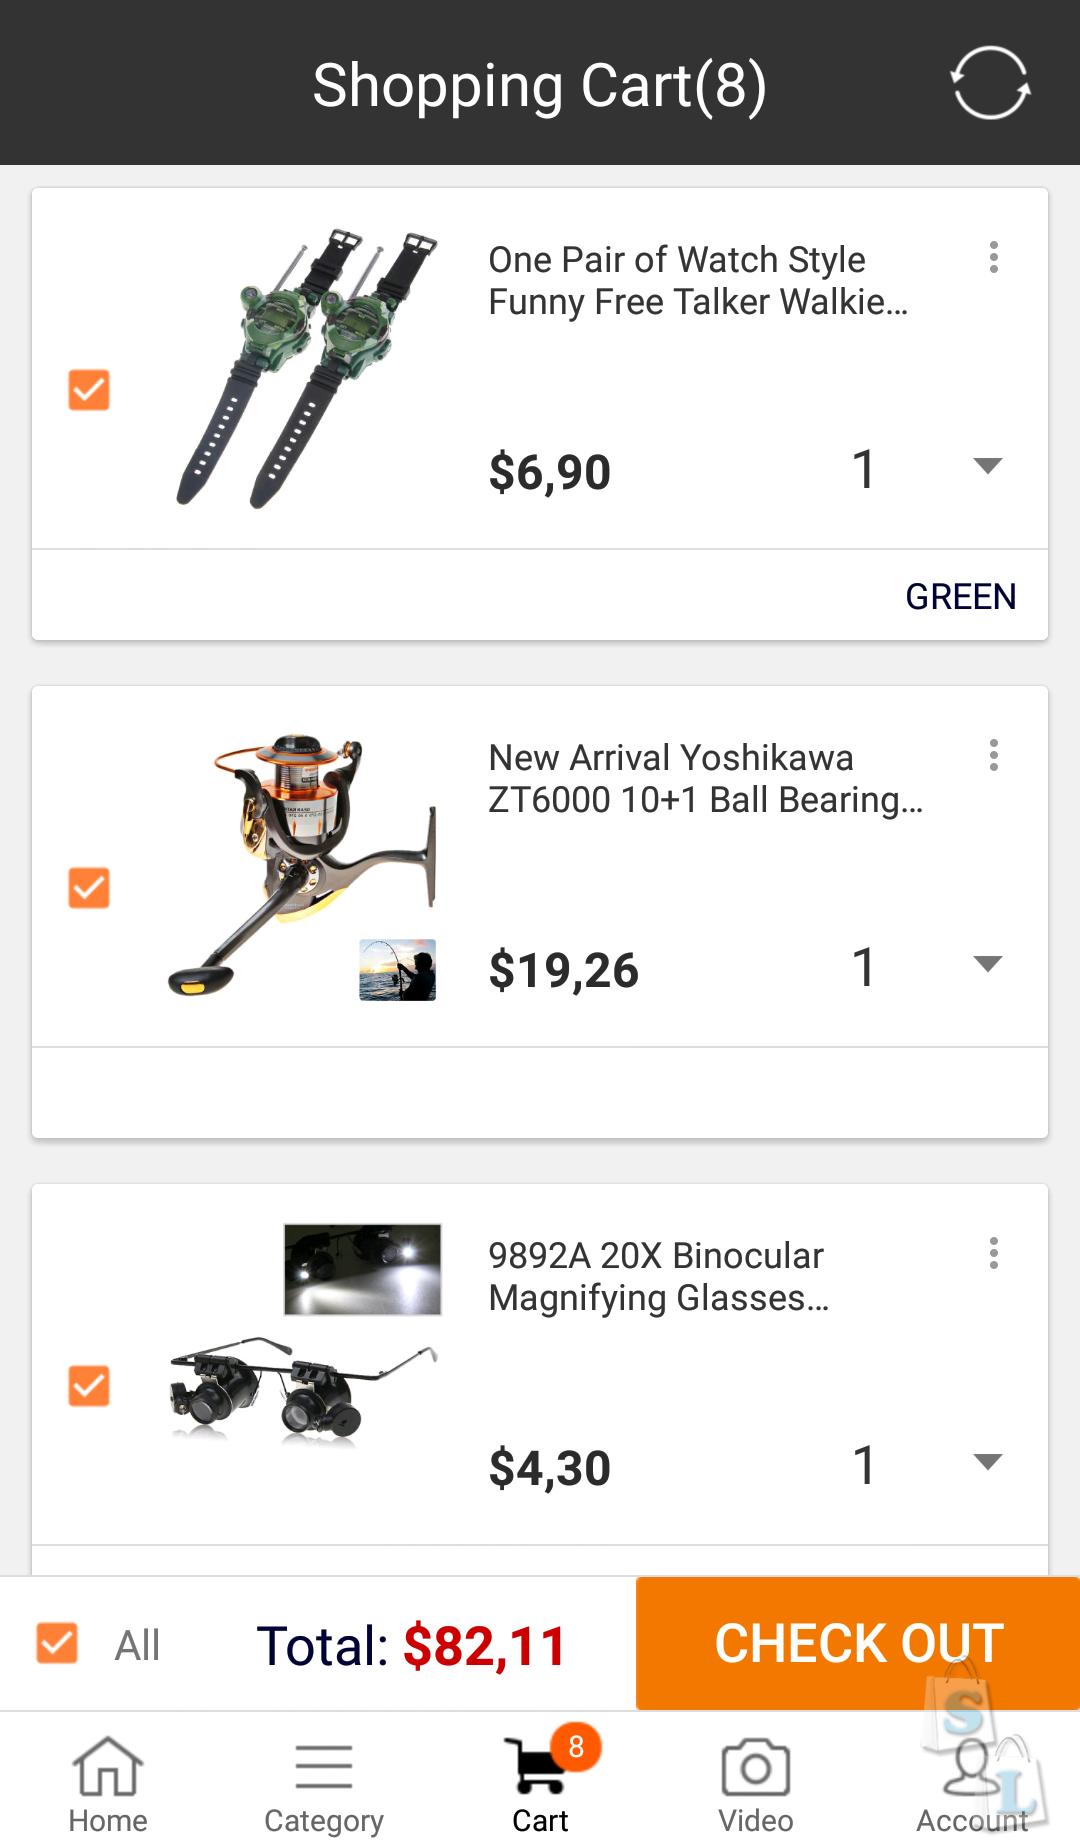 GearBest: Как купить товар по акции Buy Together & Save без дополнительного товара Gearbest